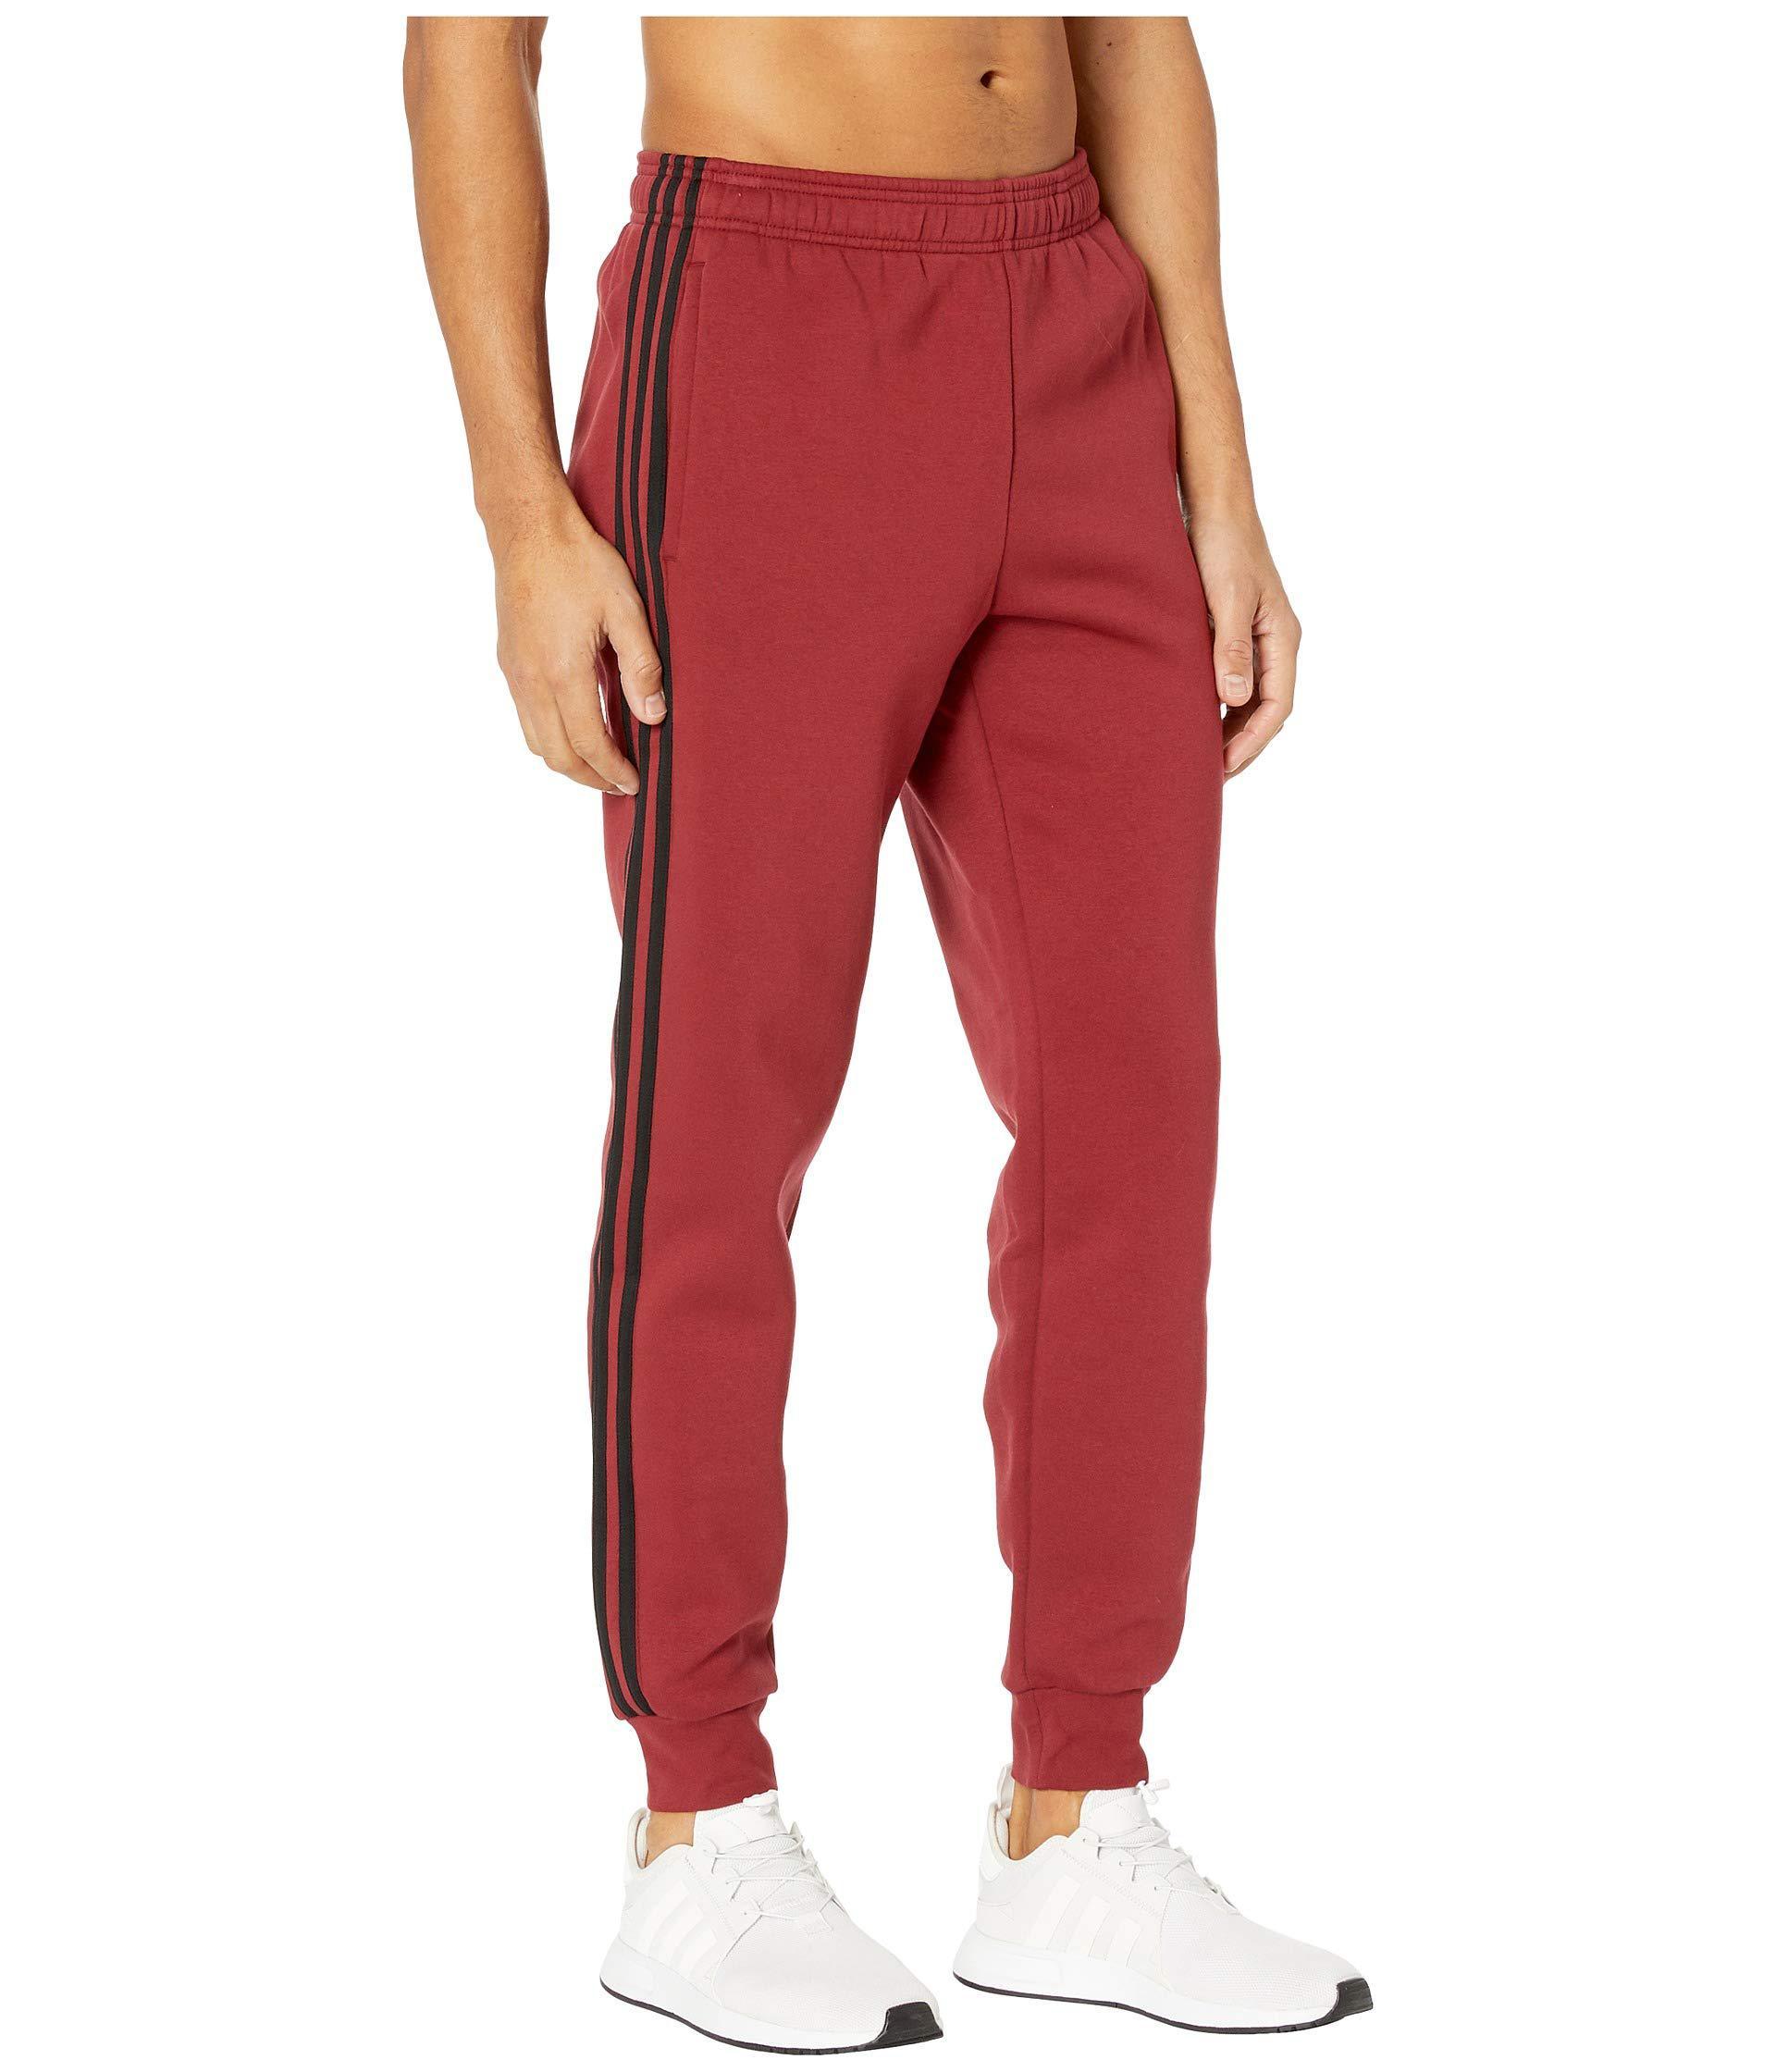 27d7a292eff9 Adidas - Red Essentials 3-stripes Jogger Pants for Men - Lyst. View  fullscreen